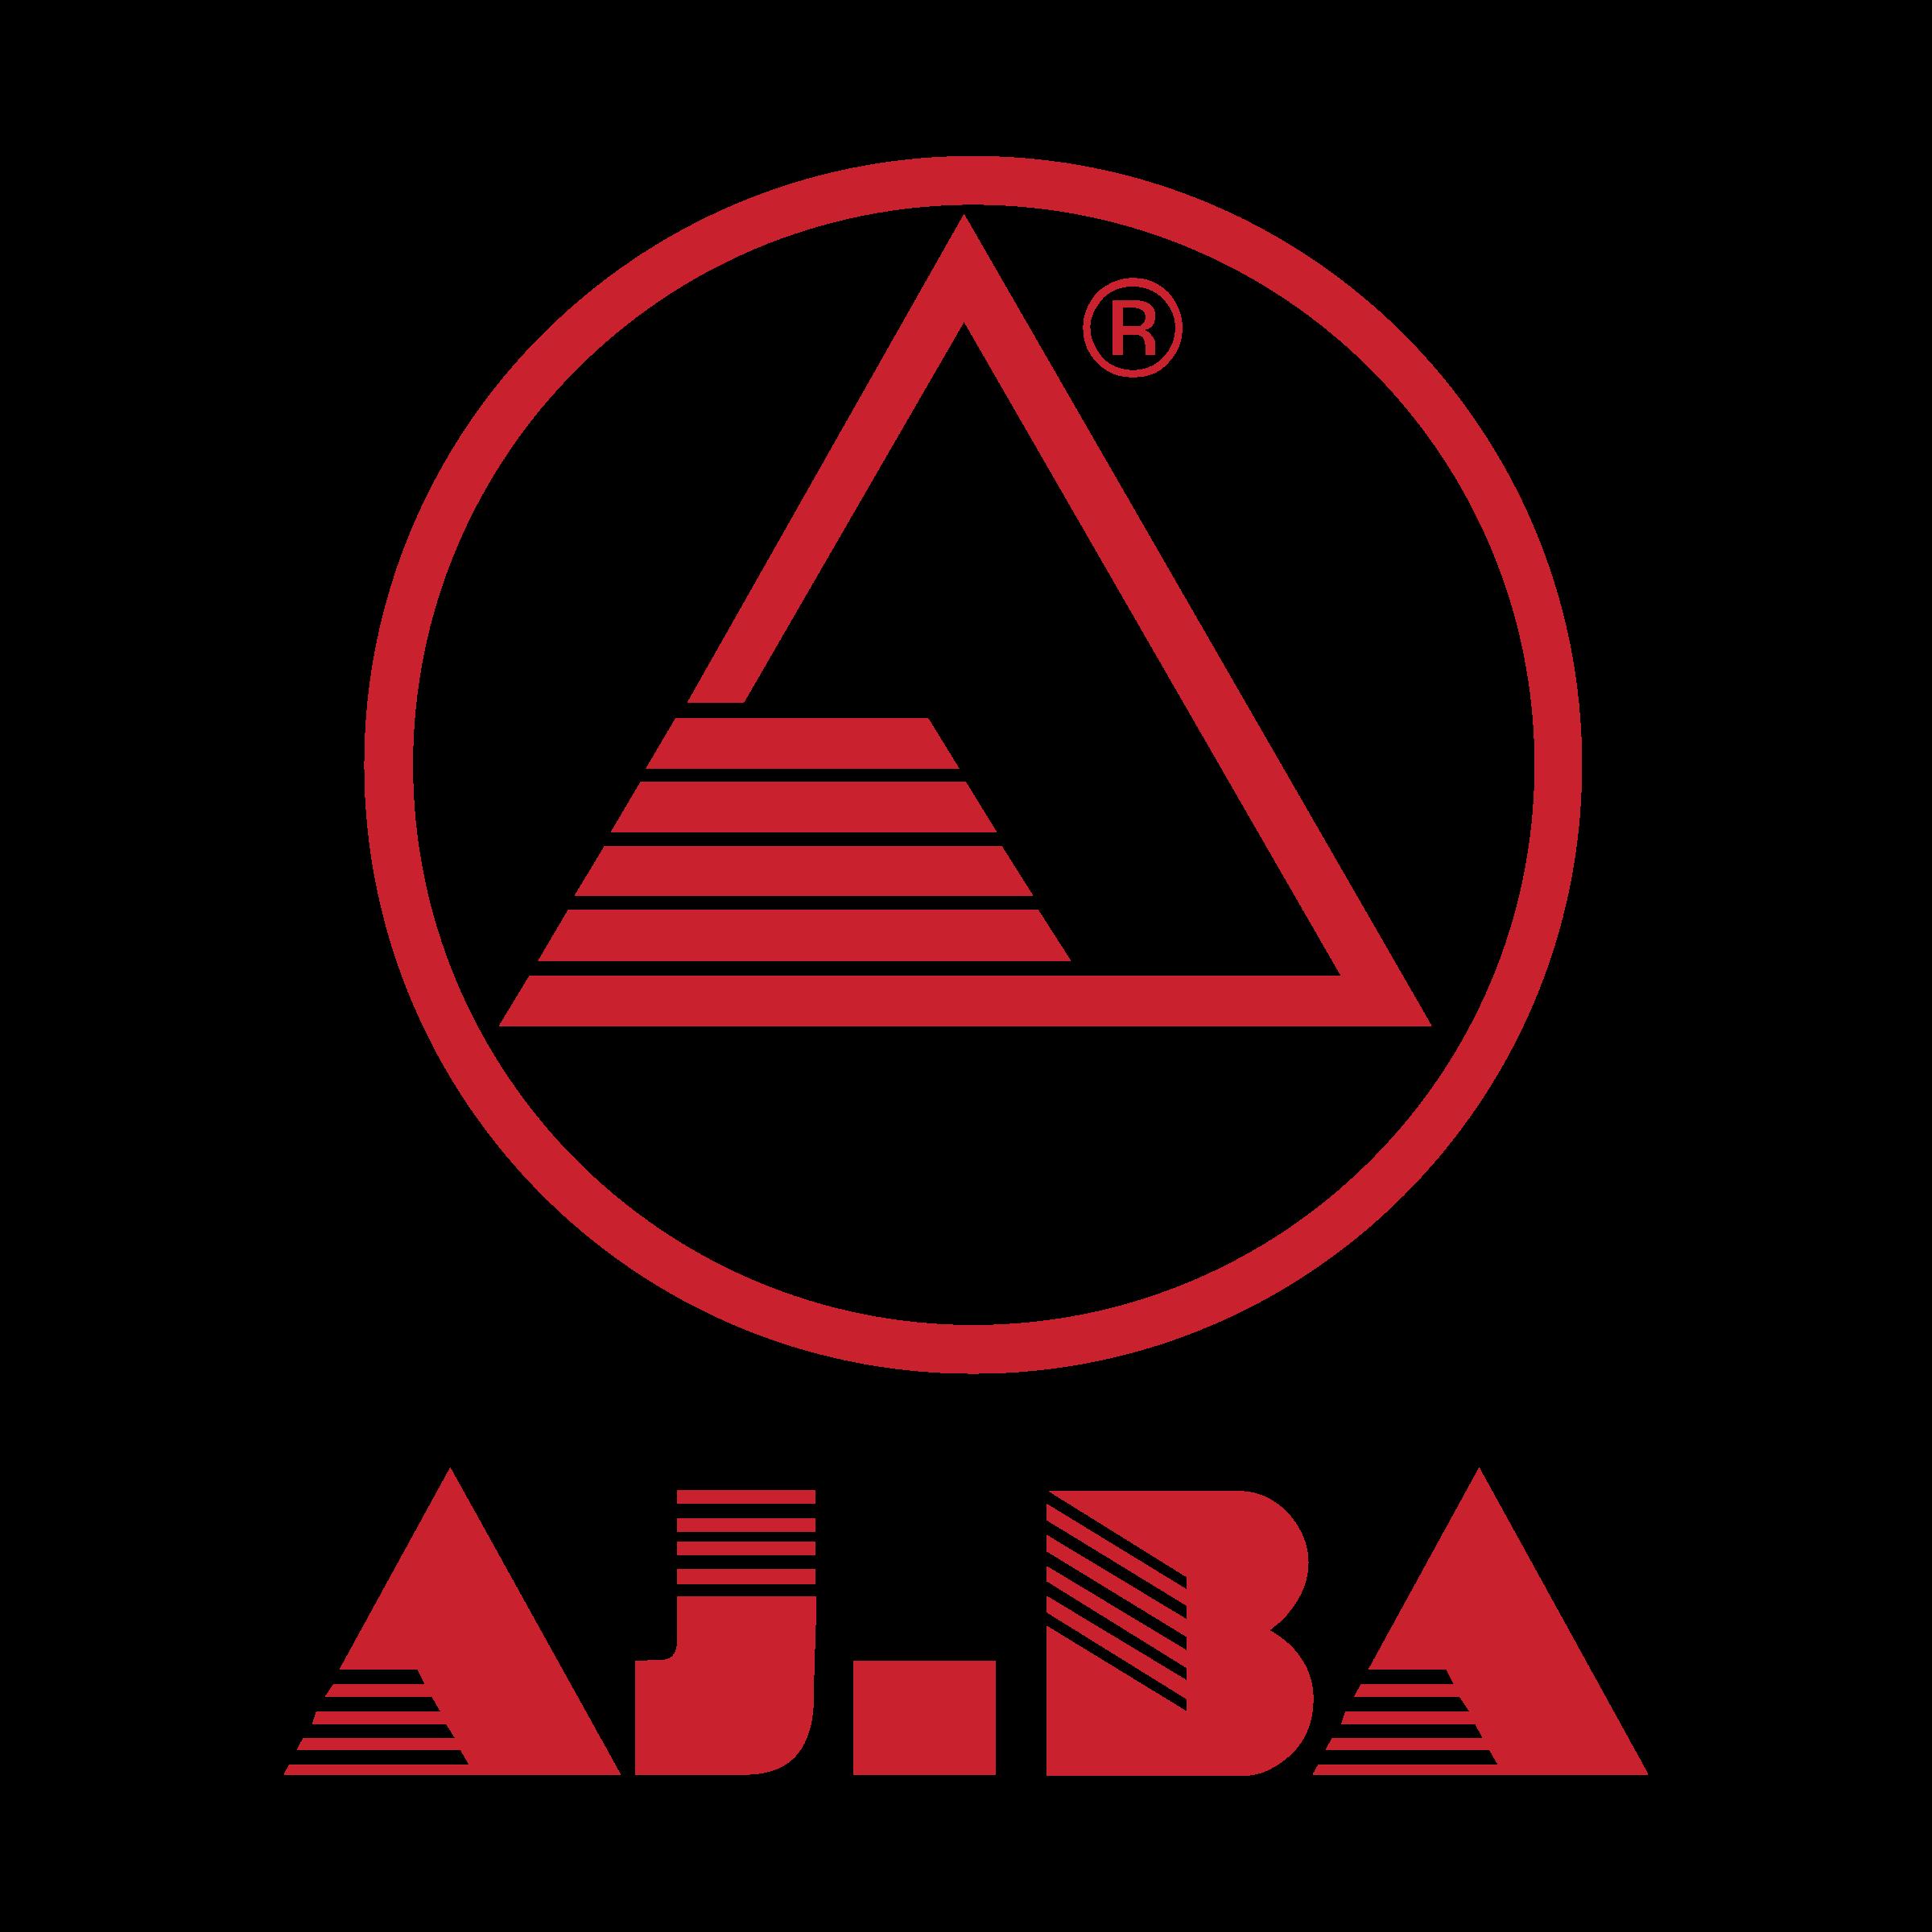 AJ BA Logo PNG Transparent & SVG Vector.